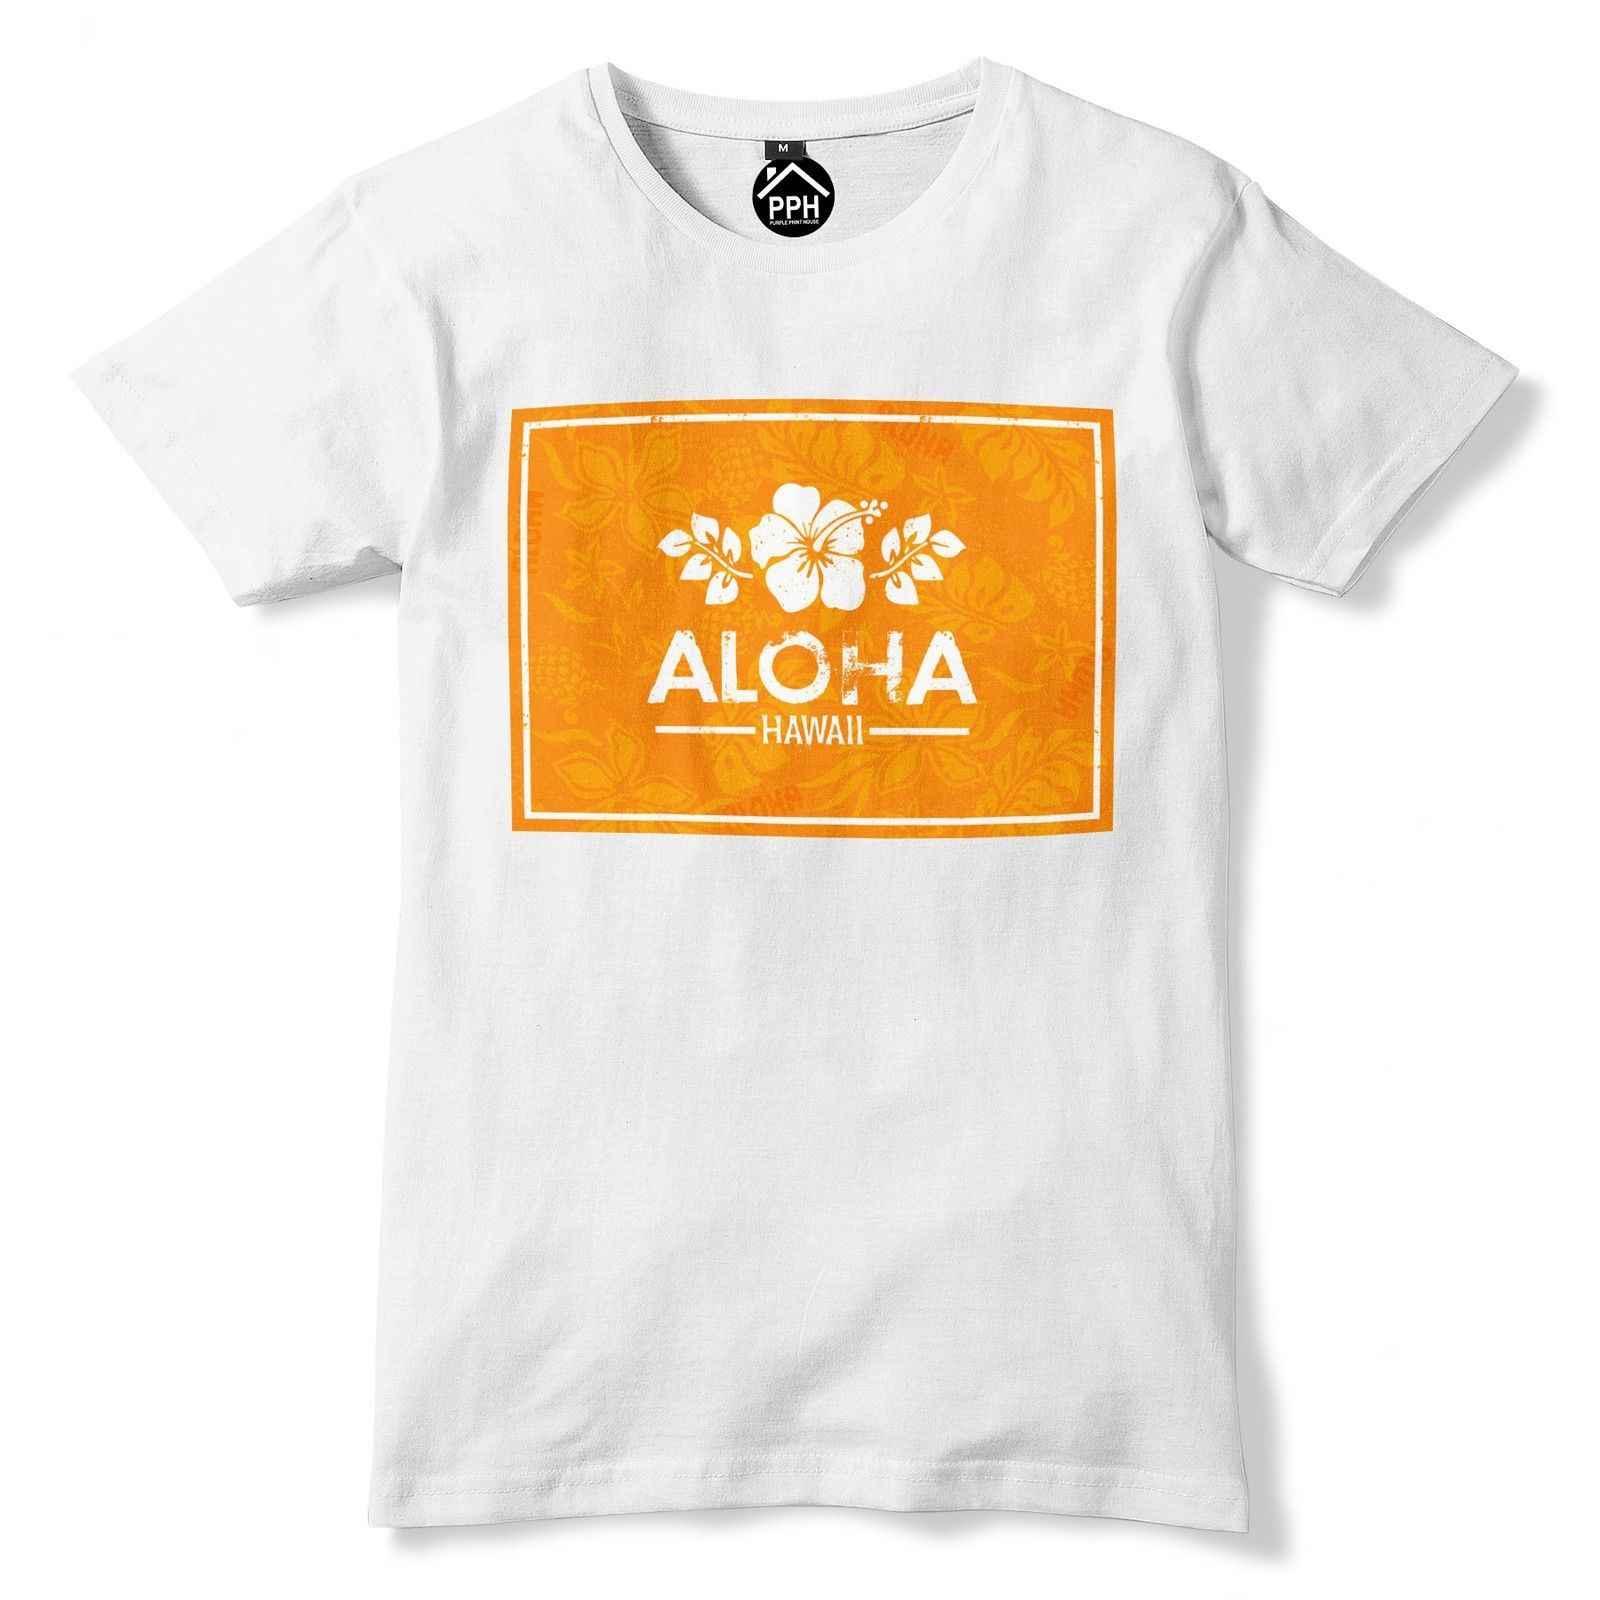 Aloha оранжевая коробка Гавайская футболка тропические цветы морской Топ Geek Surfing Rad 368 Летняя мужская модная футболка, удобная футболка